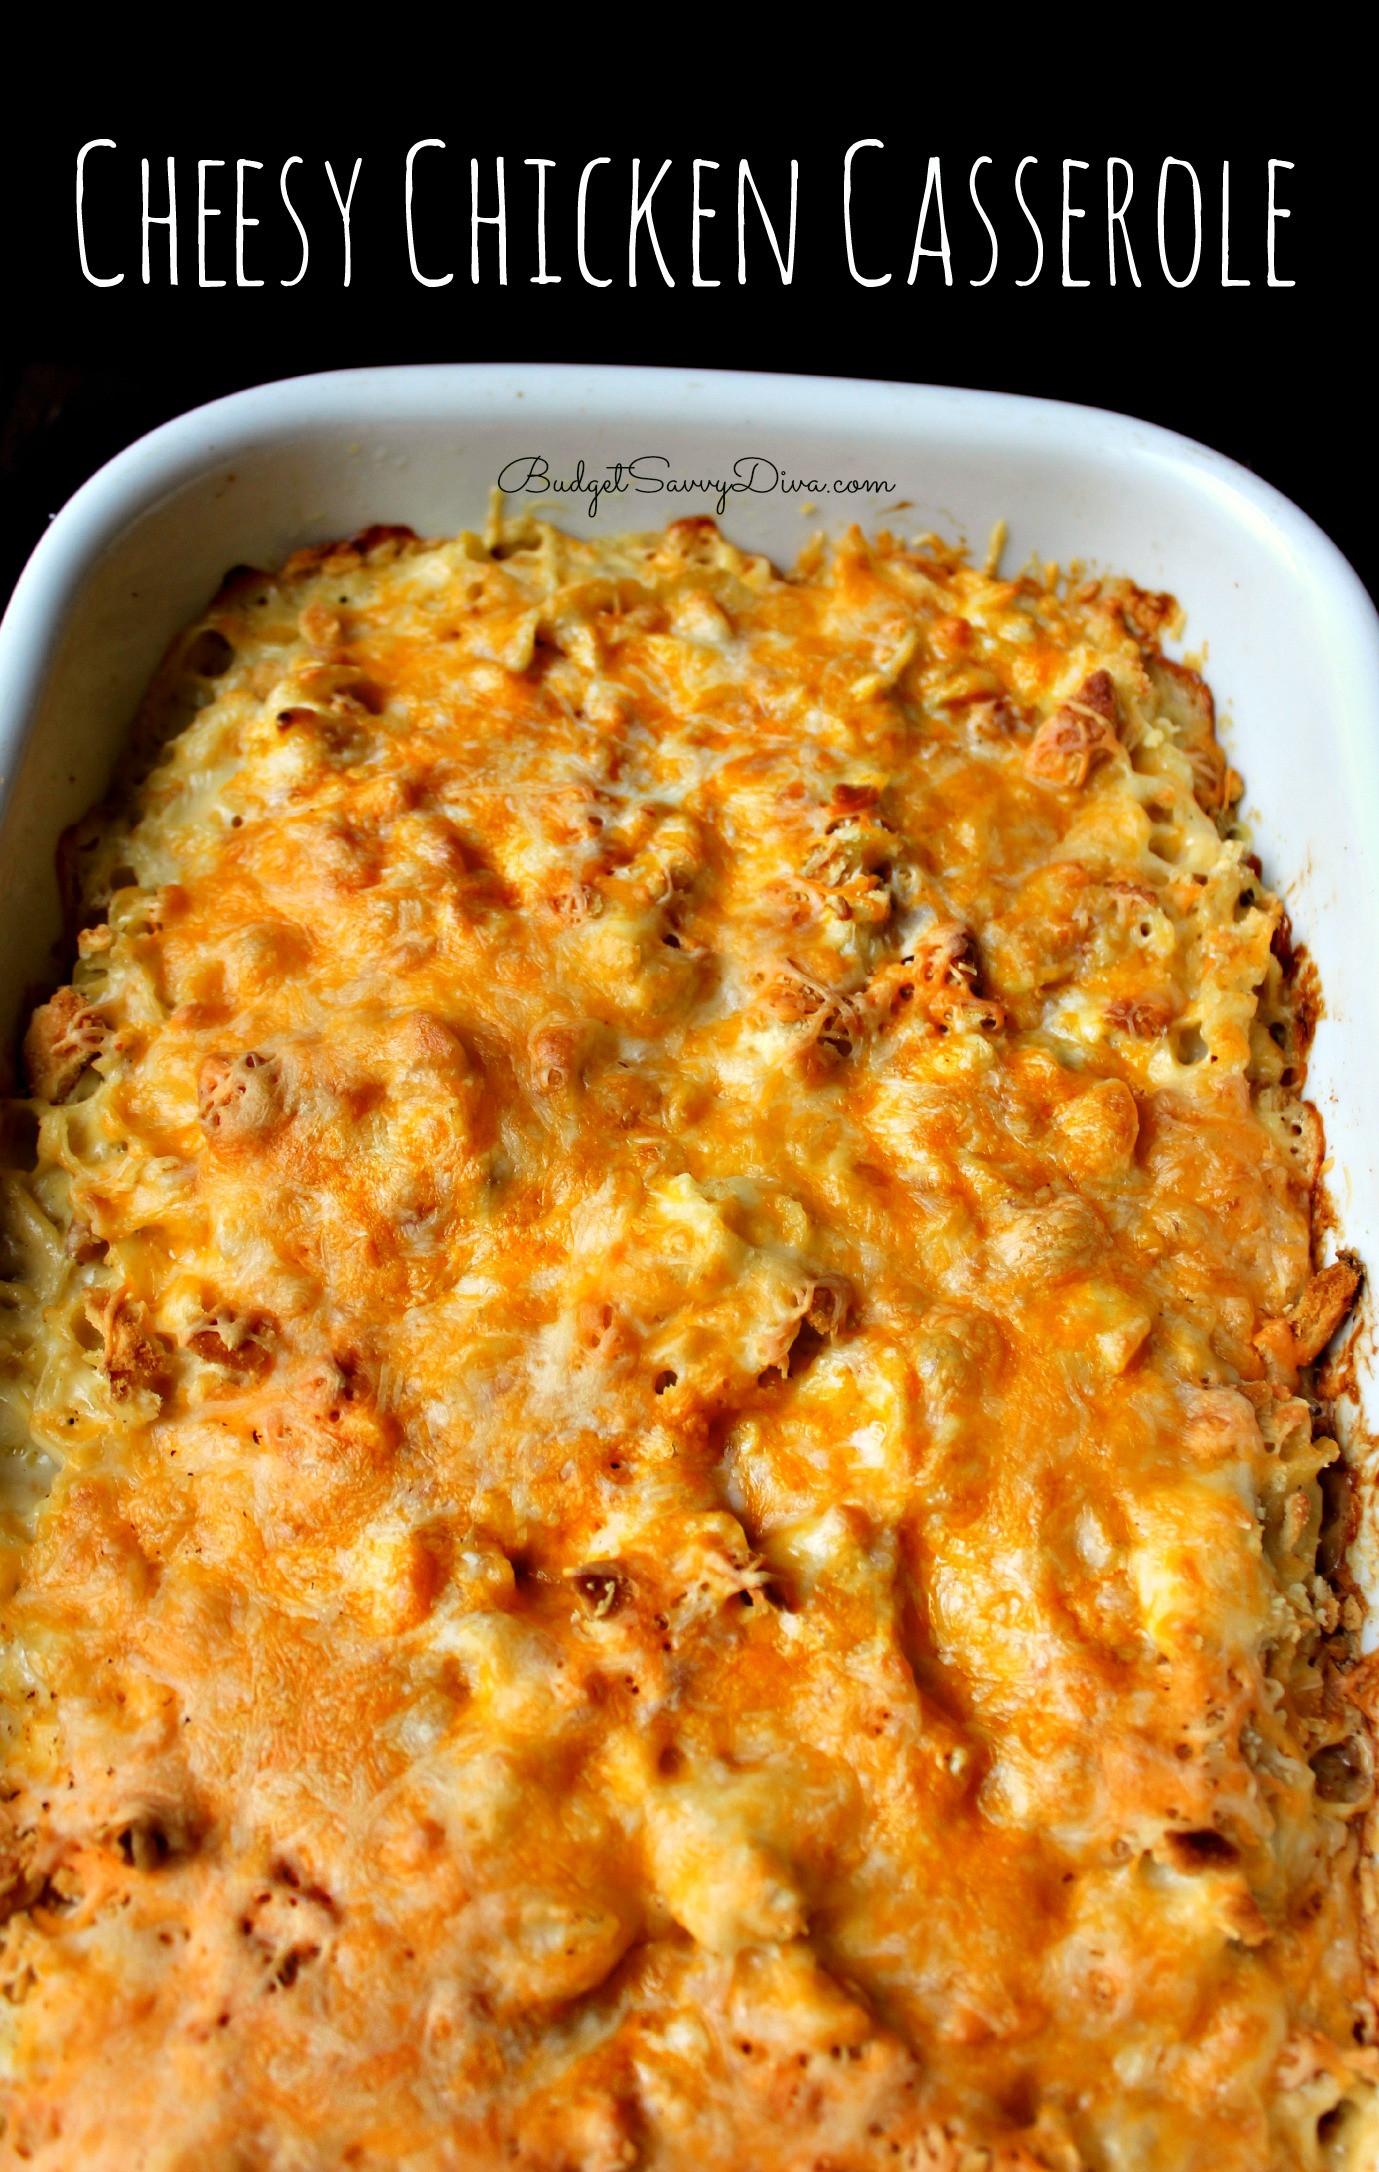 Casserole Recipes With Chicken  Cheesy Chicken Casserole Recipe